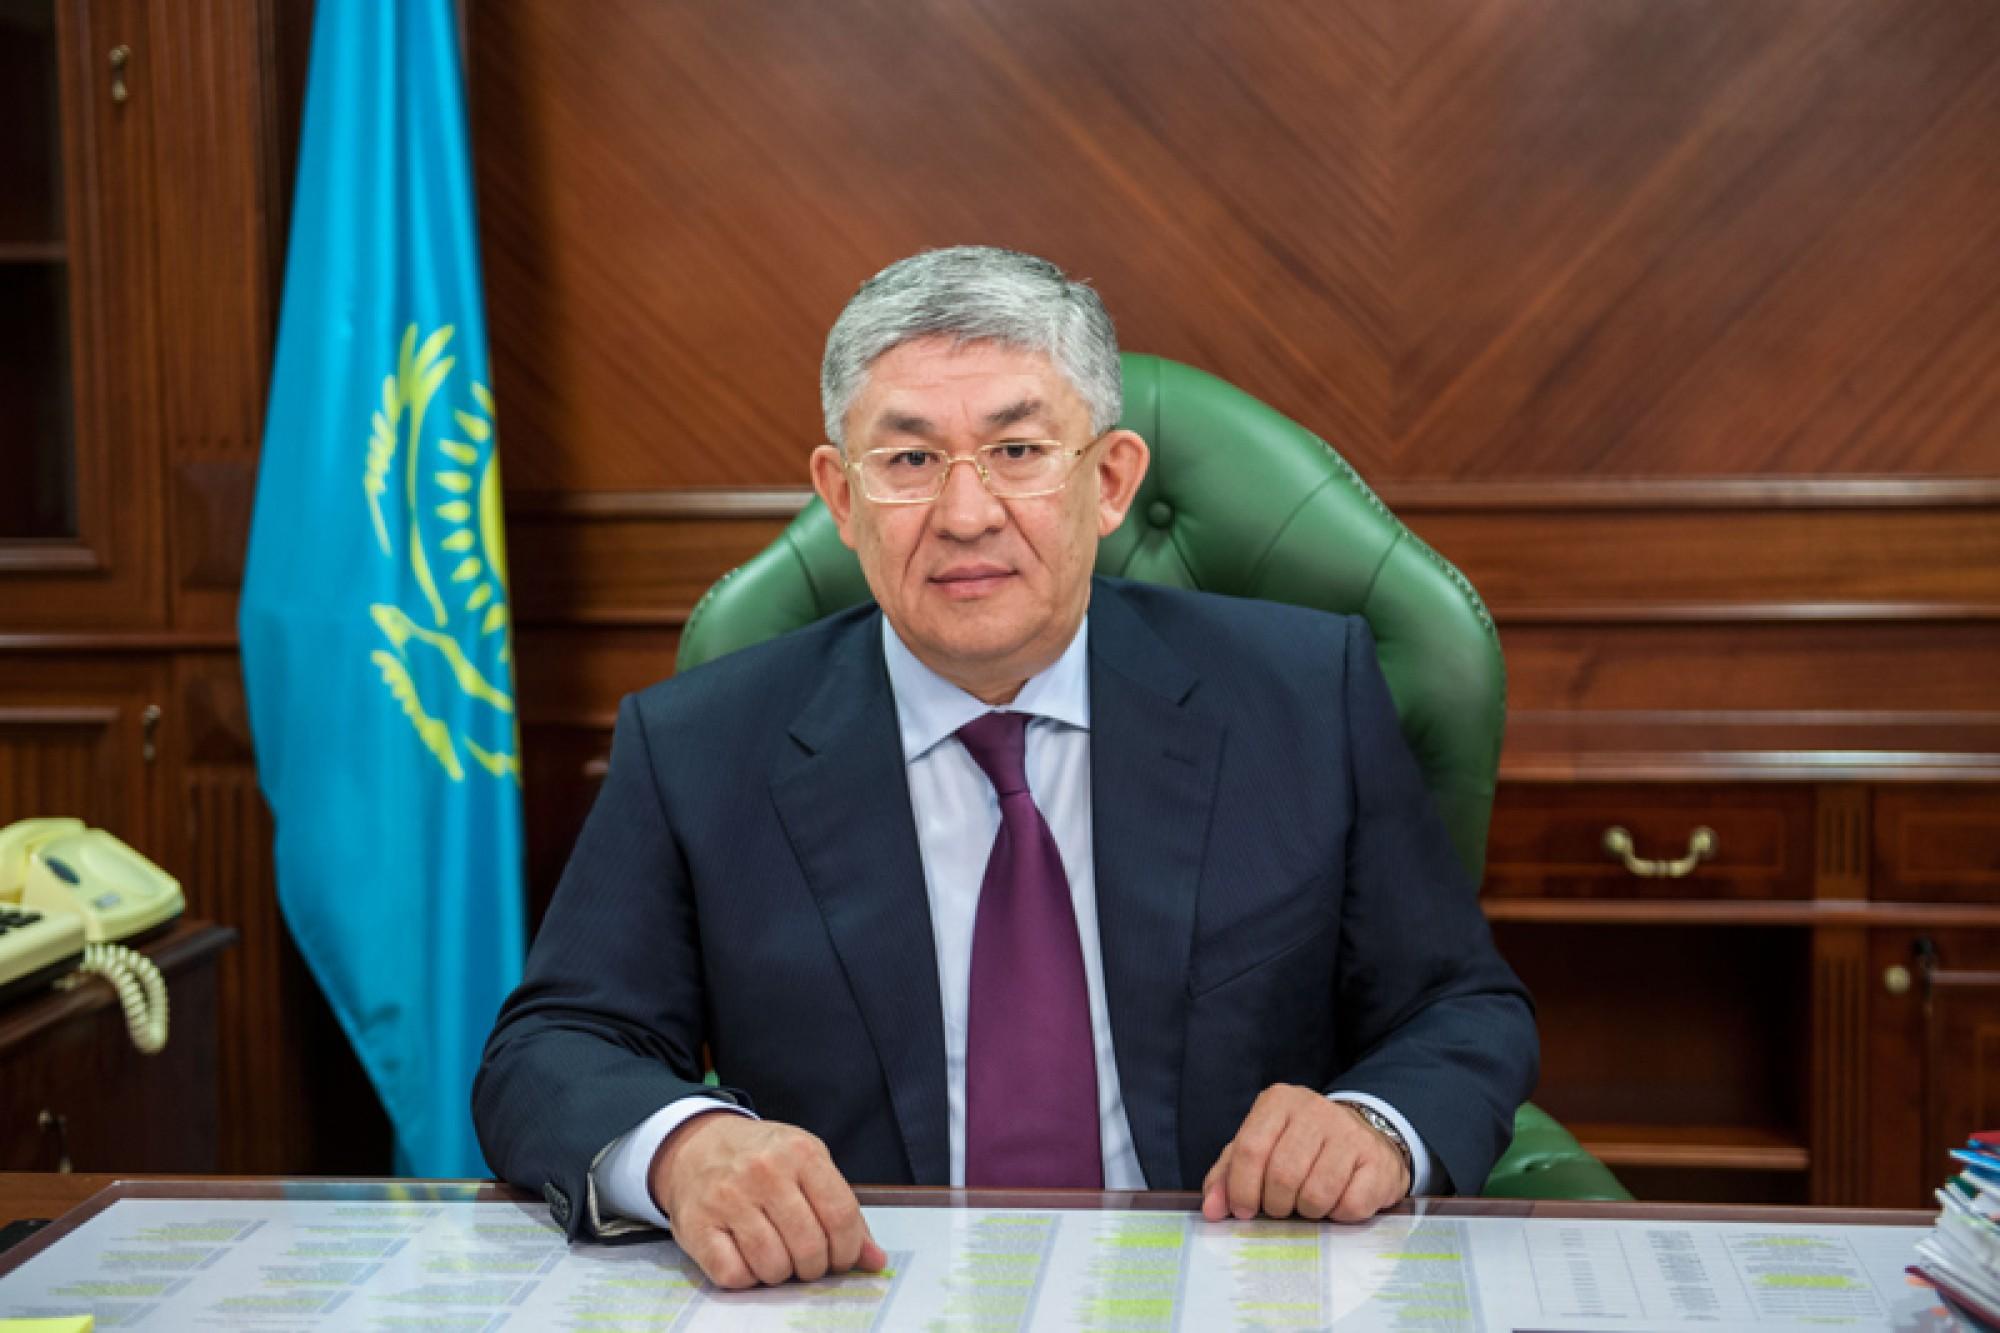 Руководителем Администрации Президента назначен Крымбек Кушербаев